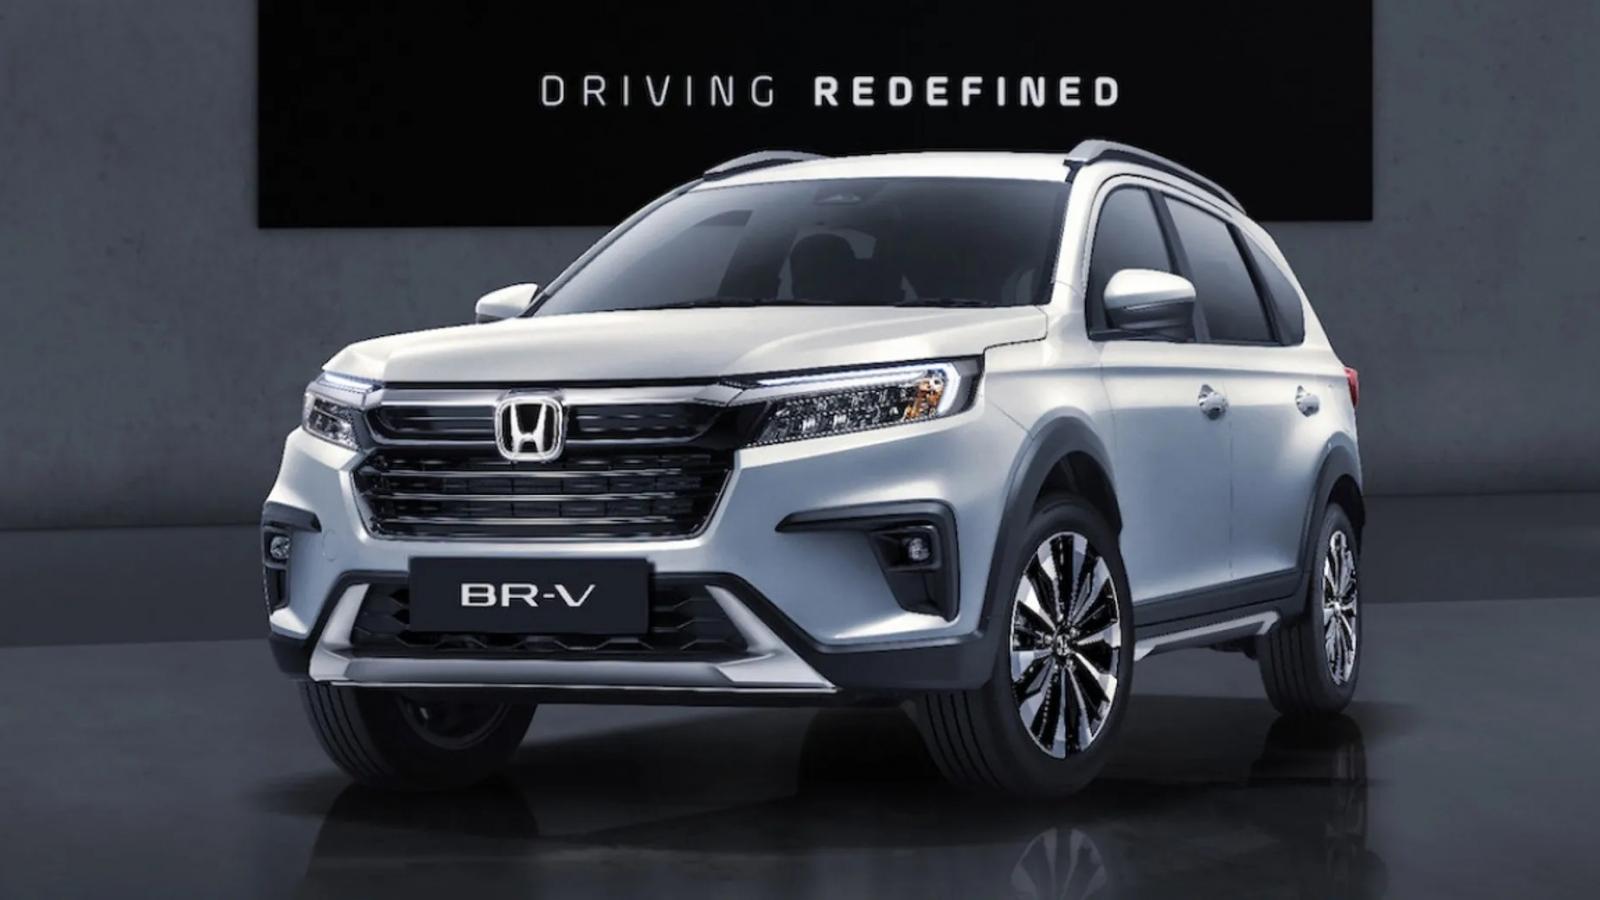 Honda BR-V thế hệ mới ra mắt, dựa trên concept N7X